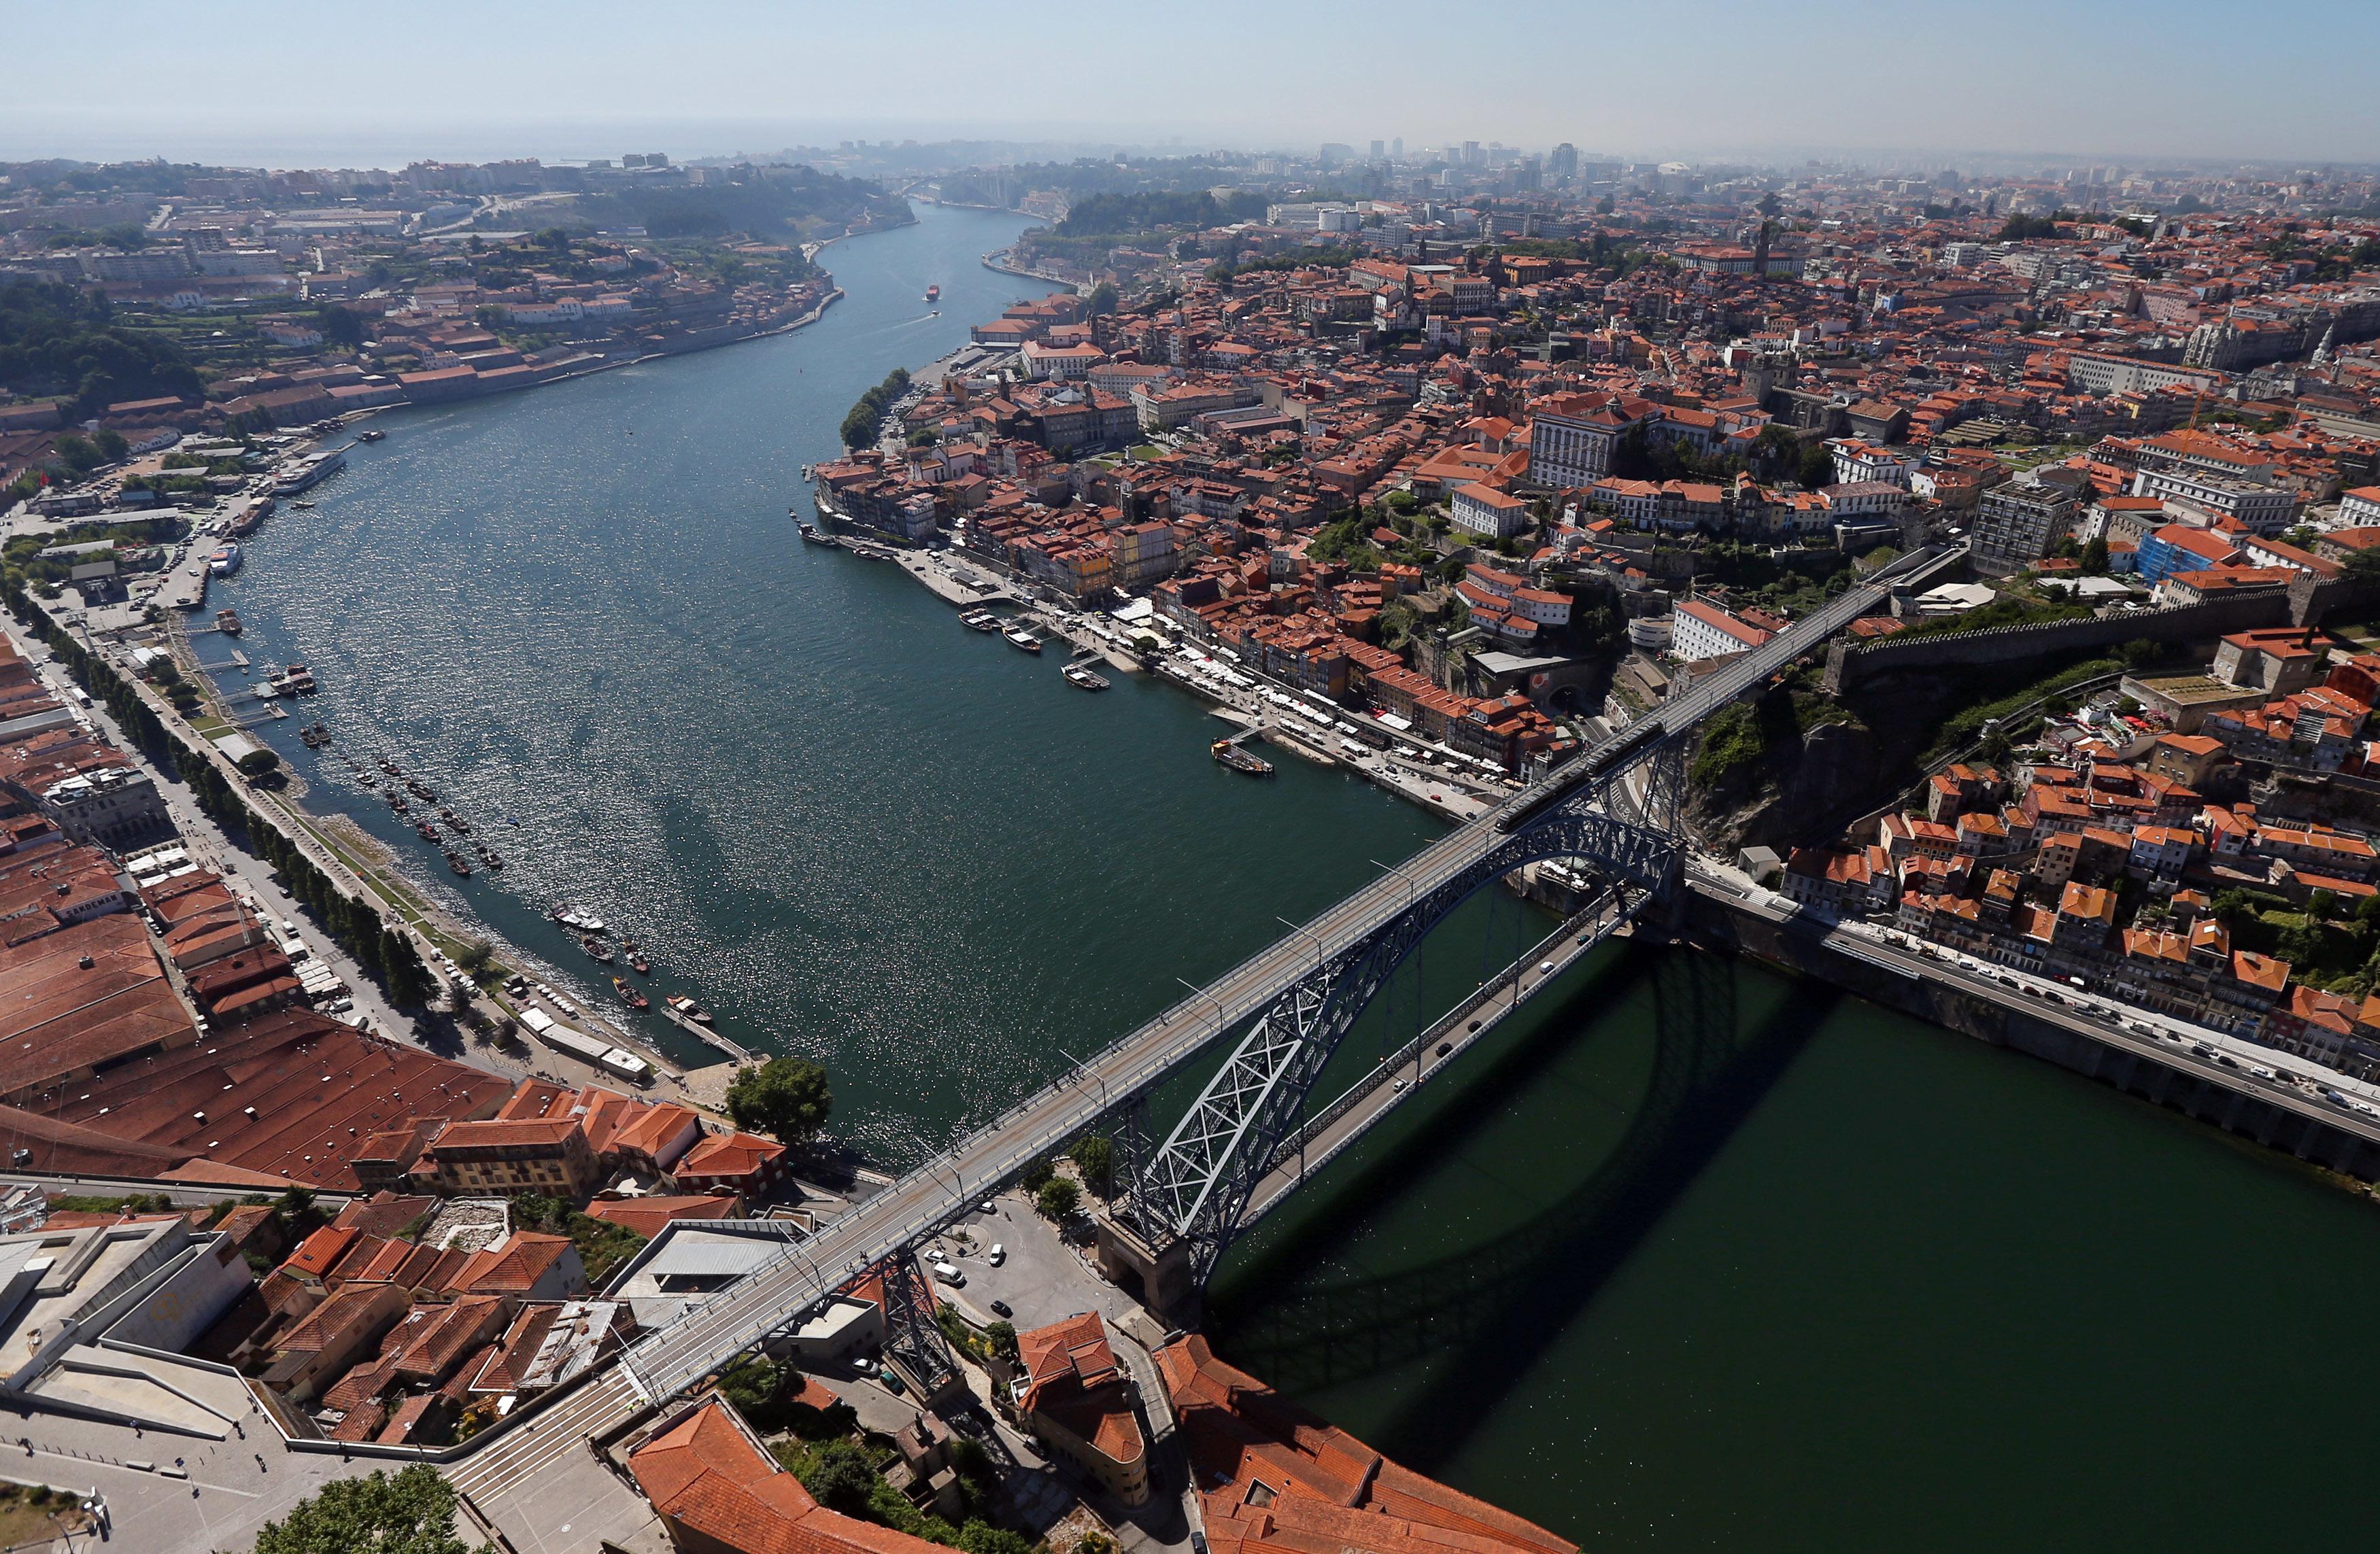 Turismo, indústria e energia fazem do Norte região que mais cresceu em 2018 - INE